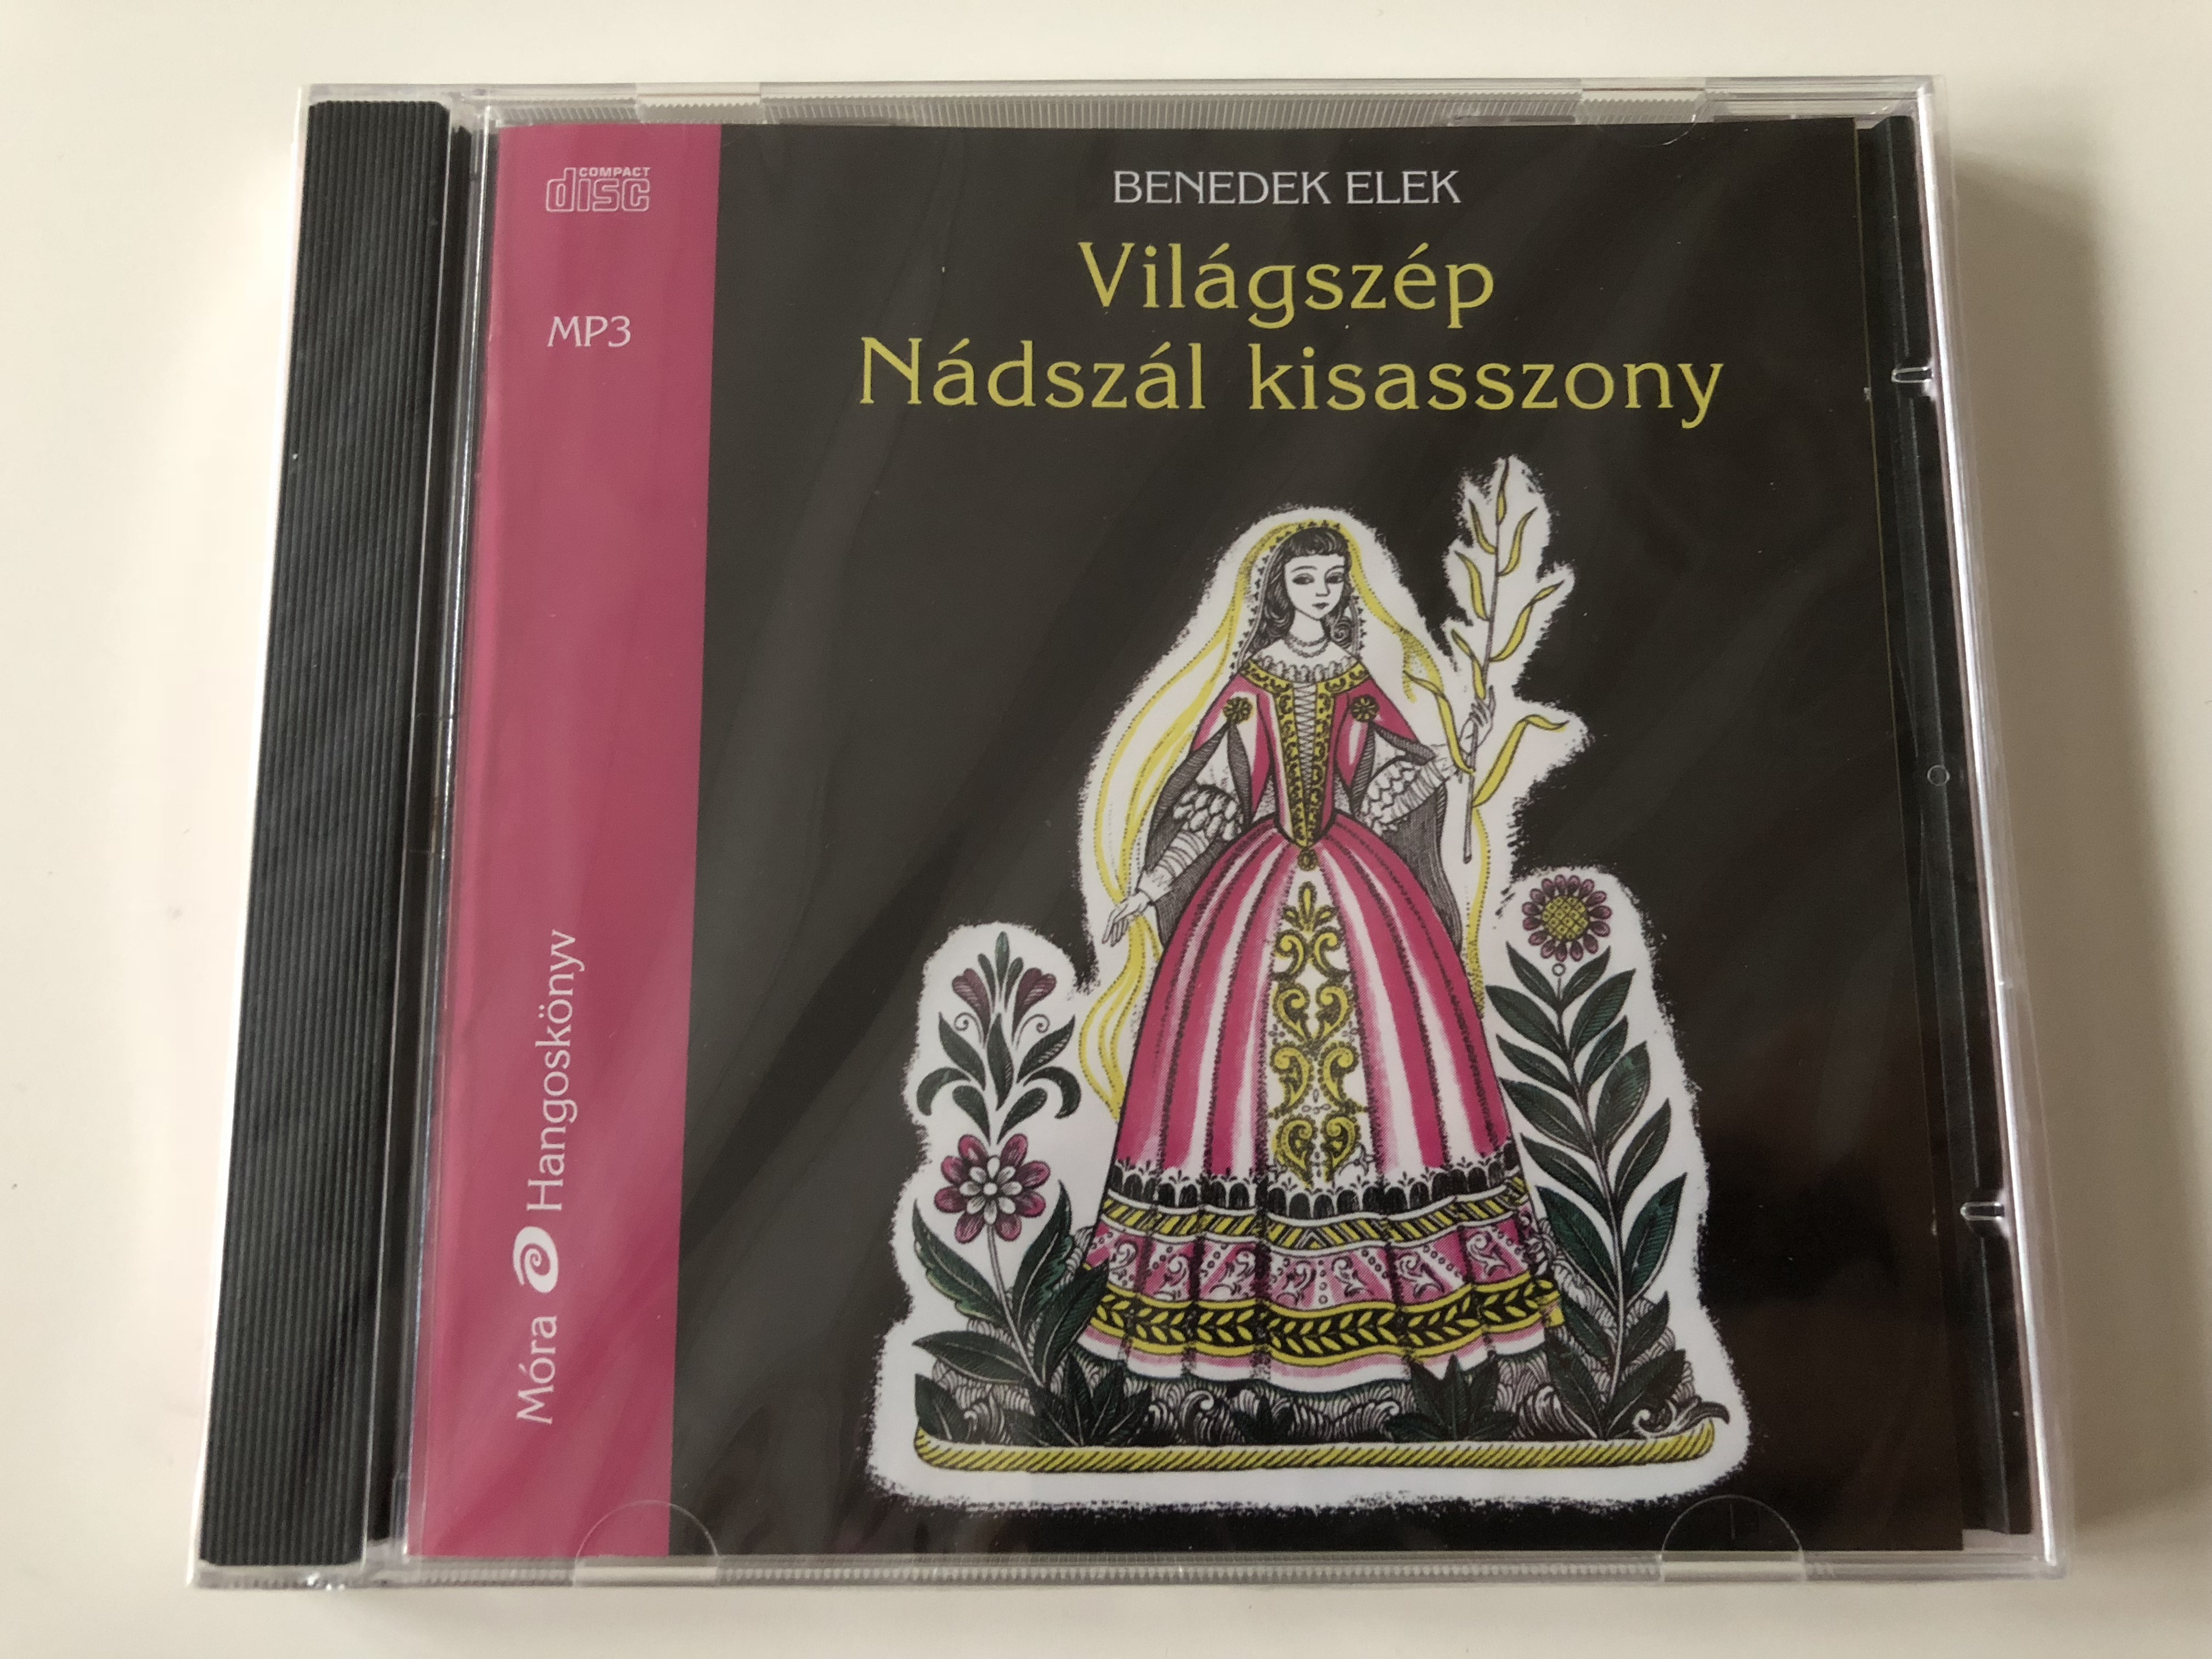 -vil-gsz-p-n-dsz-l-kisasszony-by-benedek-elek-hungarian-language-mp3-audio-book-read-by-barbine-p-ter-egri-m-rta-kocsis-mariann-rosta-s-ndor-jr-ti-l-szl-v-rkonyi-andr-s-m-ra-k-nyvkiad-2-.jpg